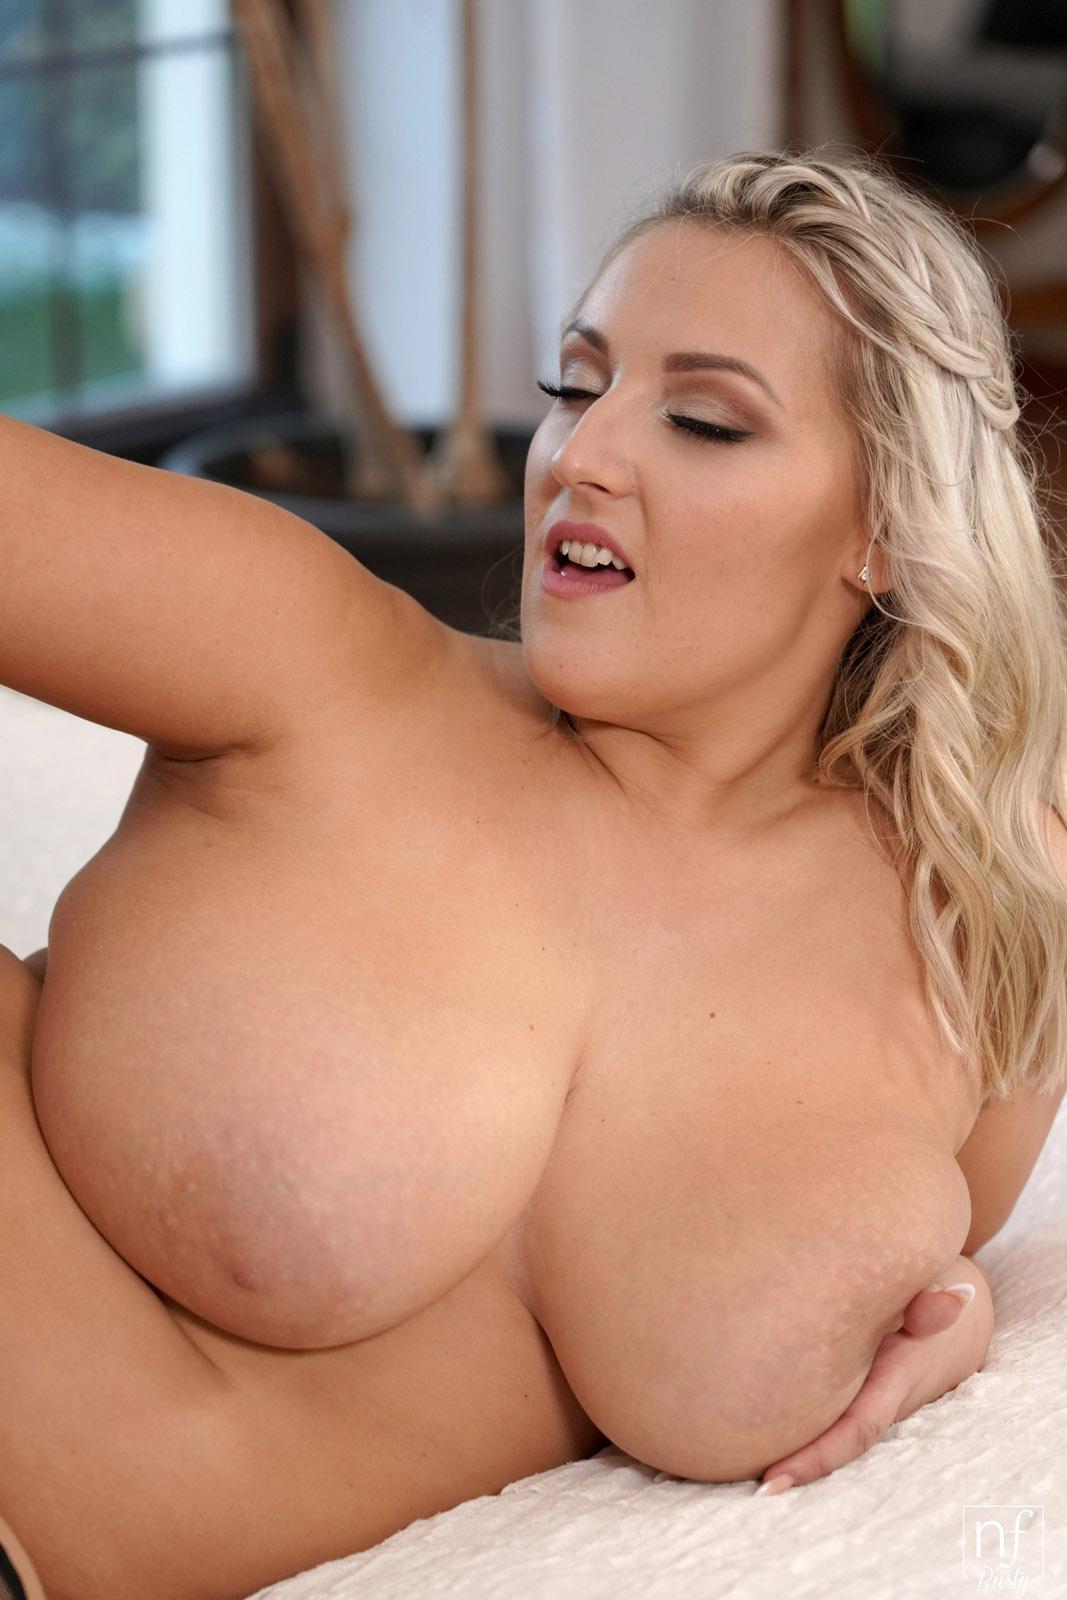 Big natural busty